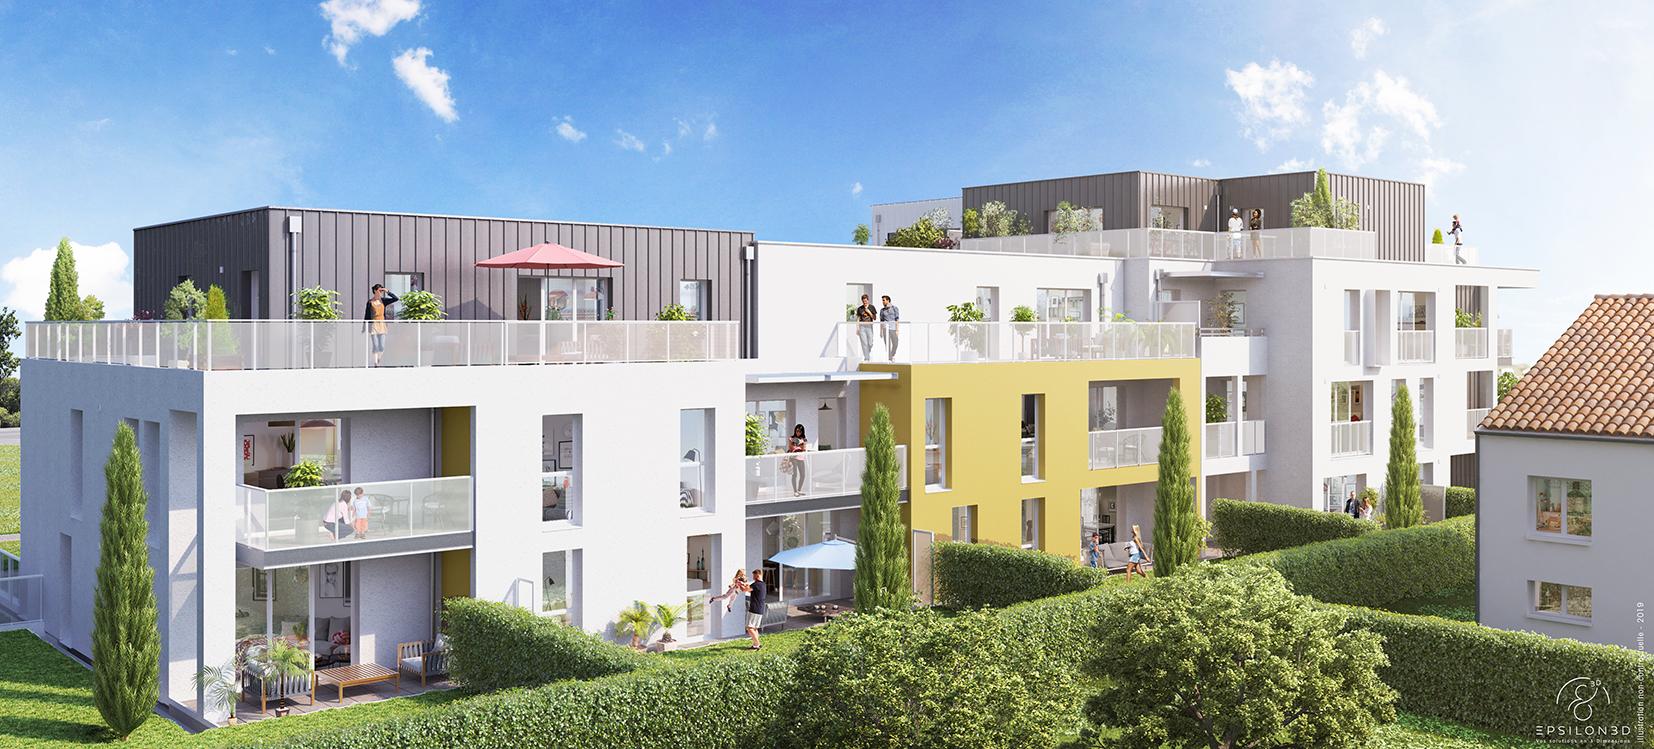 Balcon, terrasse ou jardin: les avantages d'un logement neuf